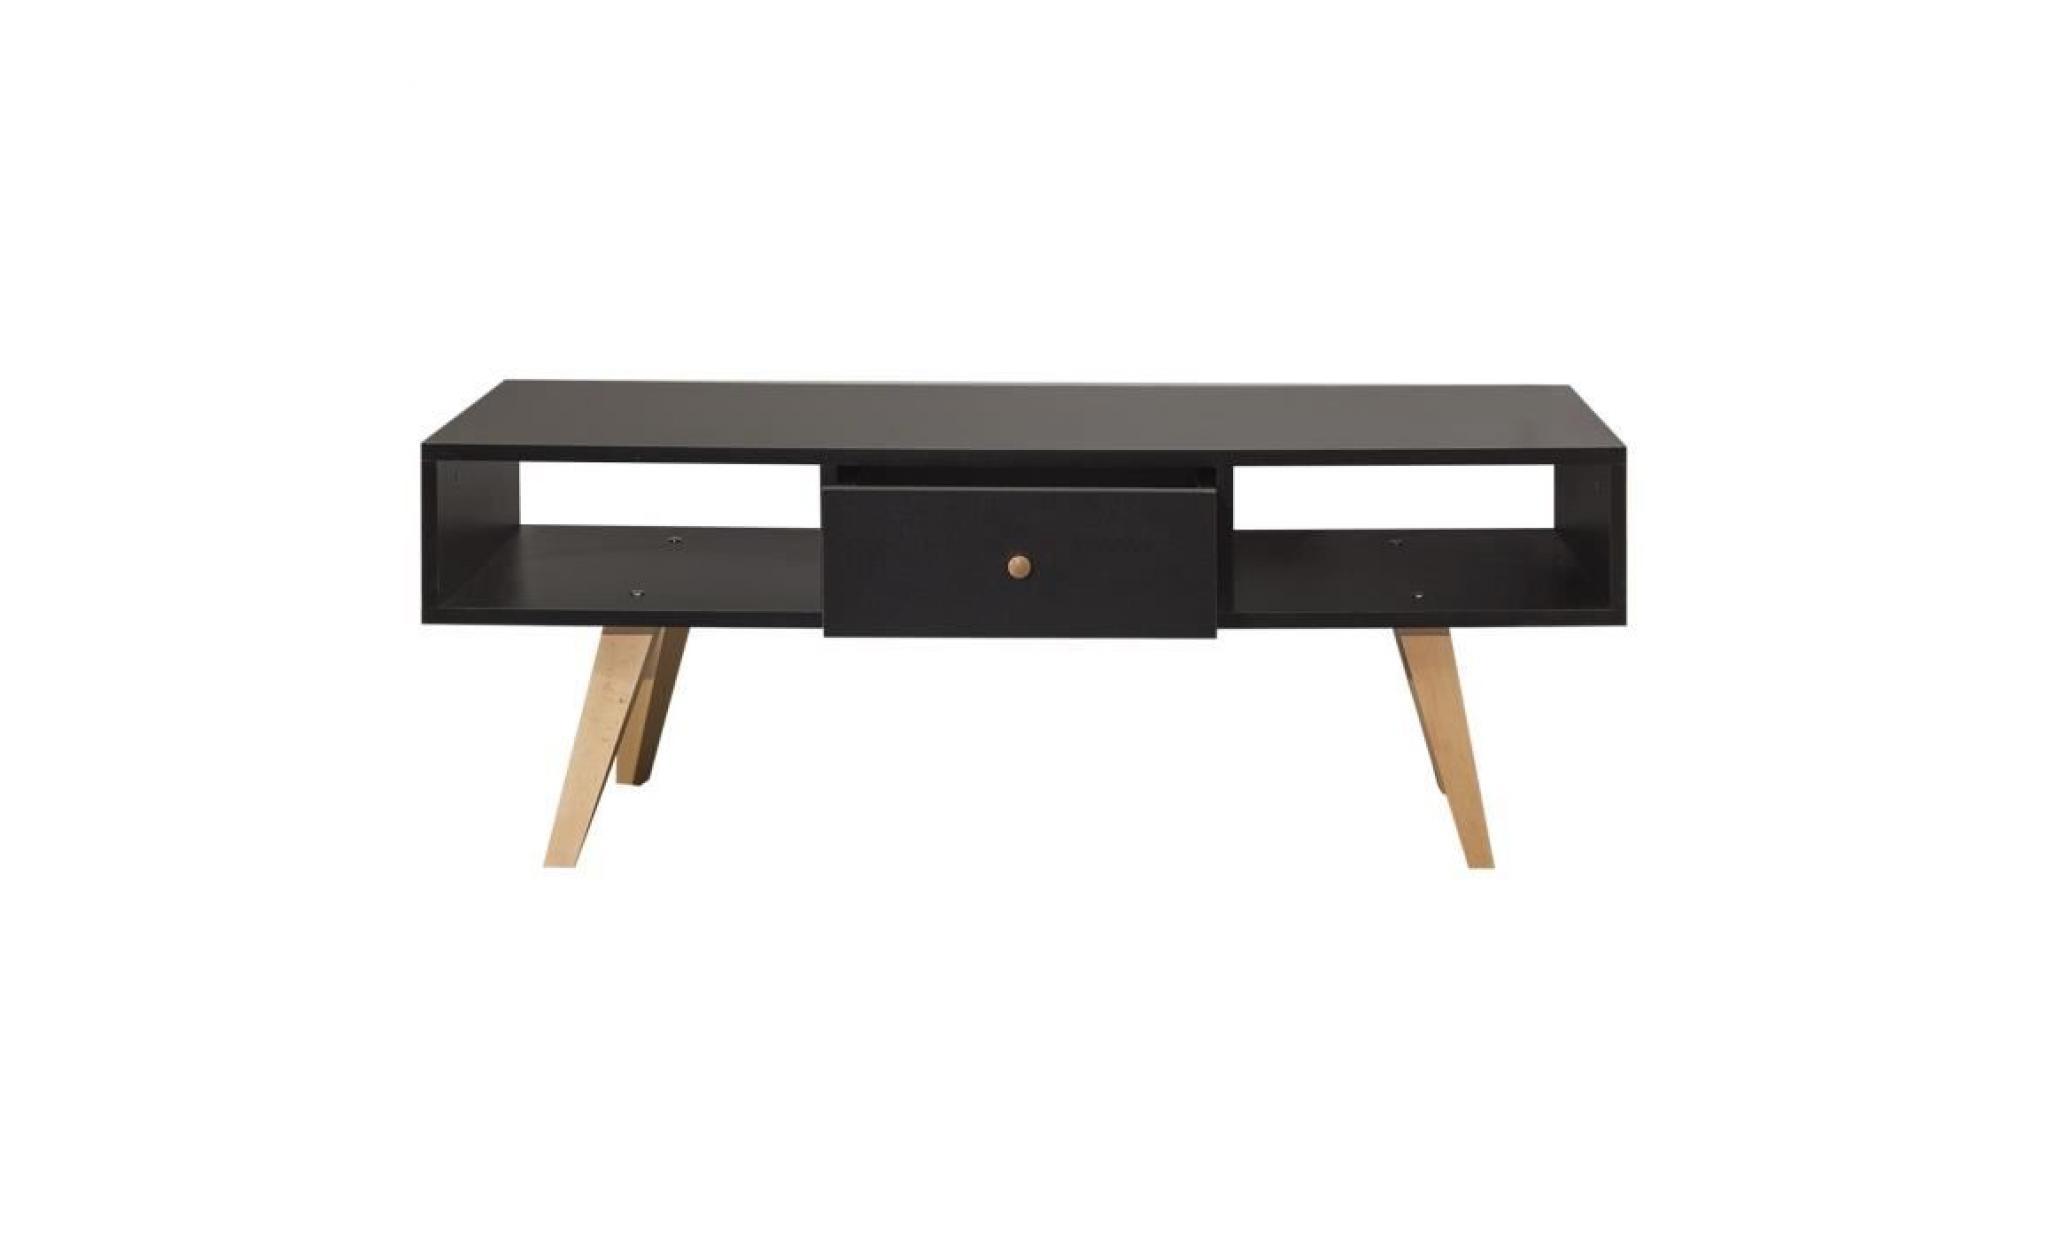 lund meuble tv scandinave melamine noir mat pieds en hetre massif l 117 cm achat vente meuble tv pas cher couleur et design fr